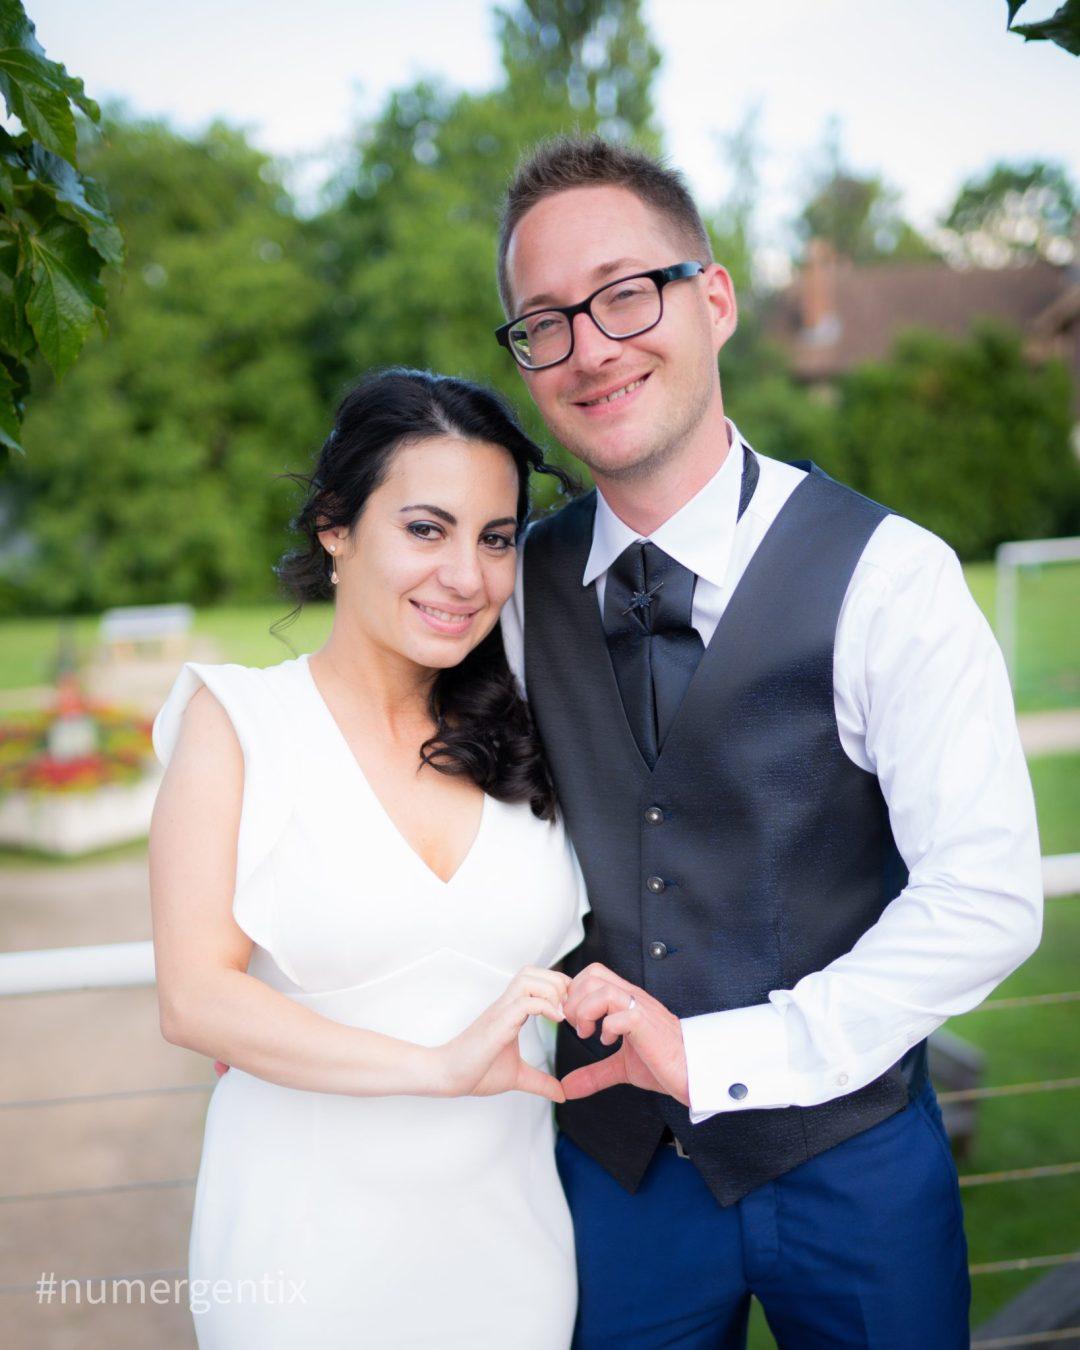 PHOTO / FILM DE MARIAGE 9 - Nicolas Galiano-Favre photographe et pilote de drone à votre service